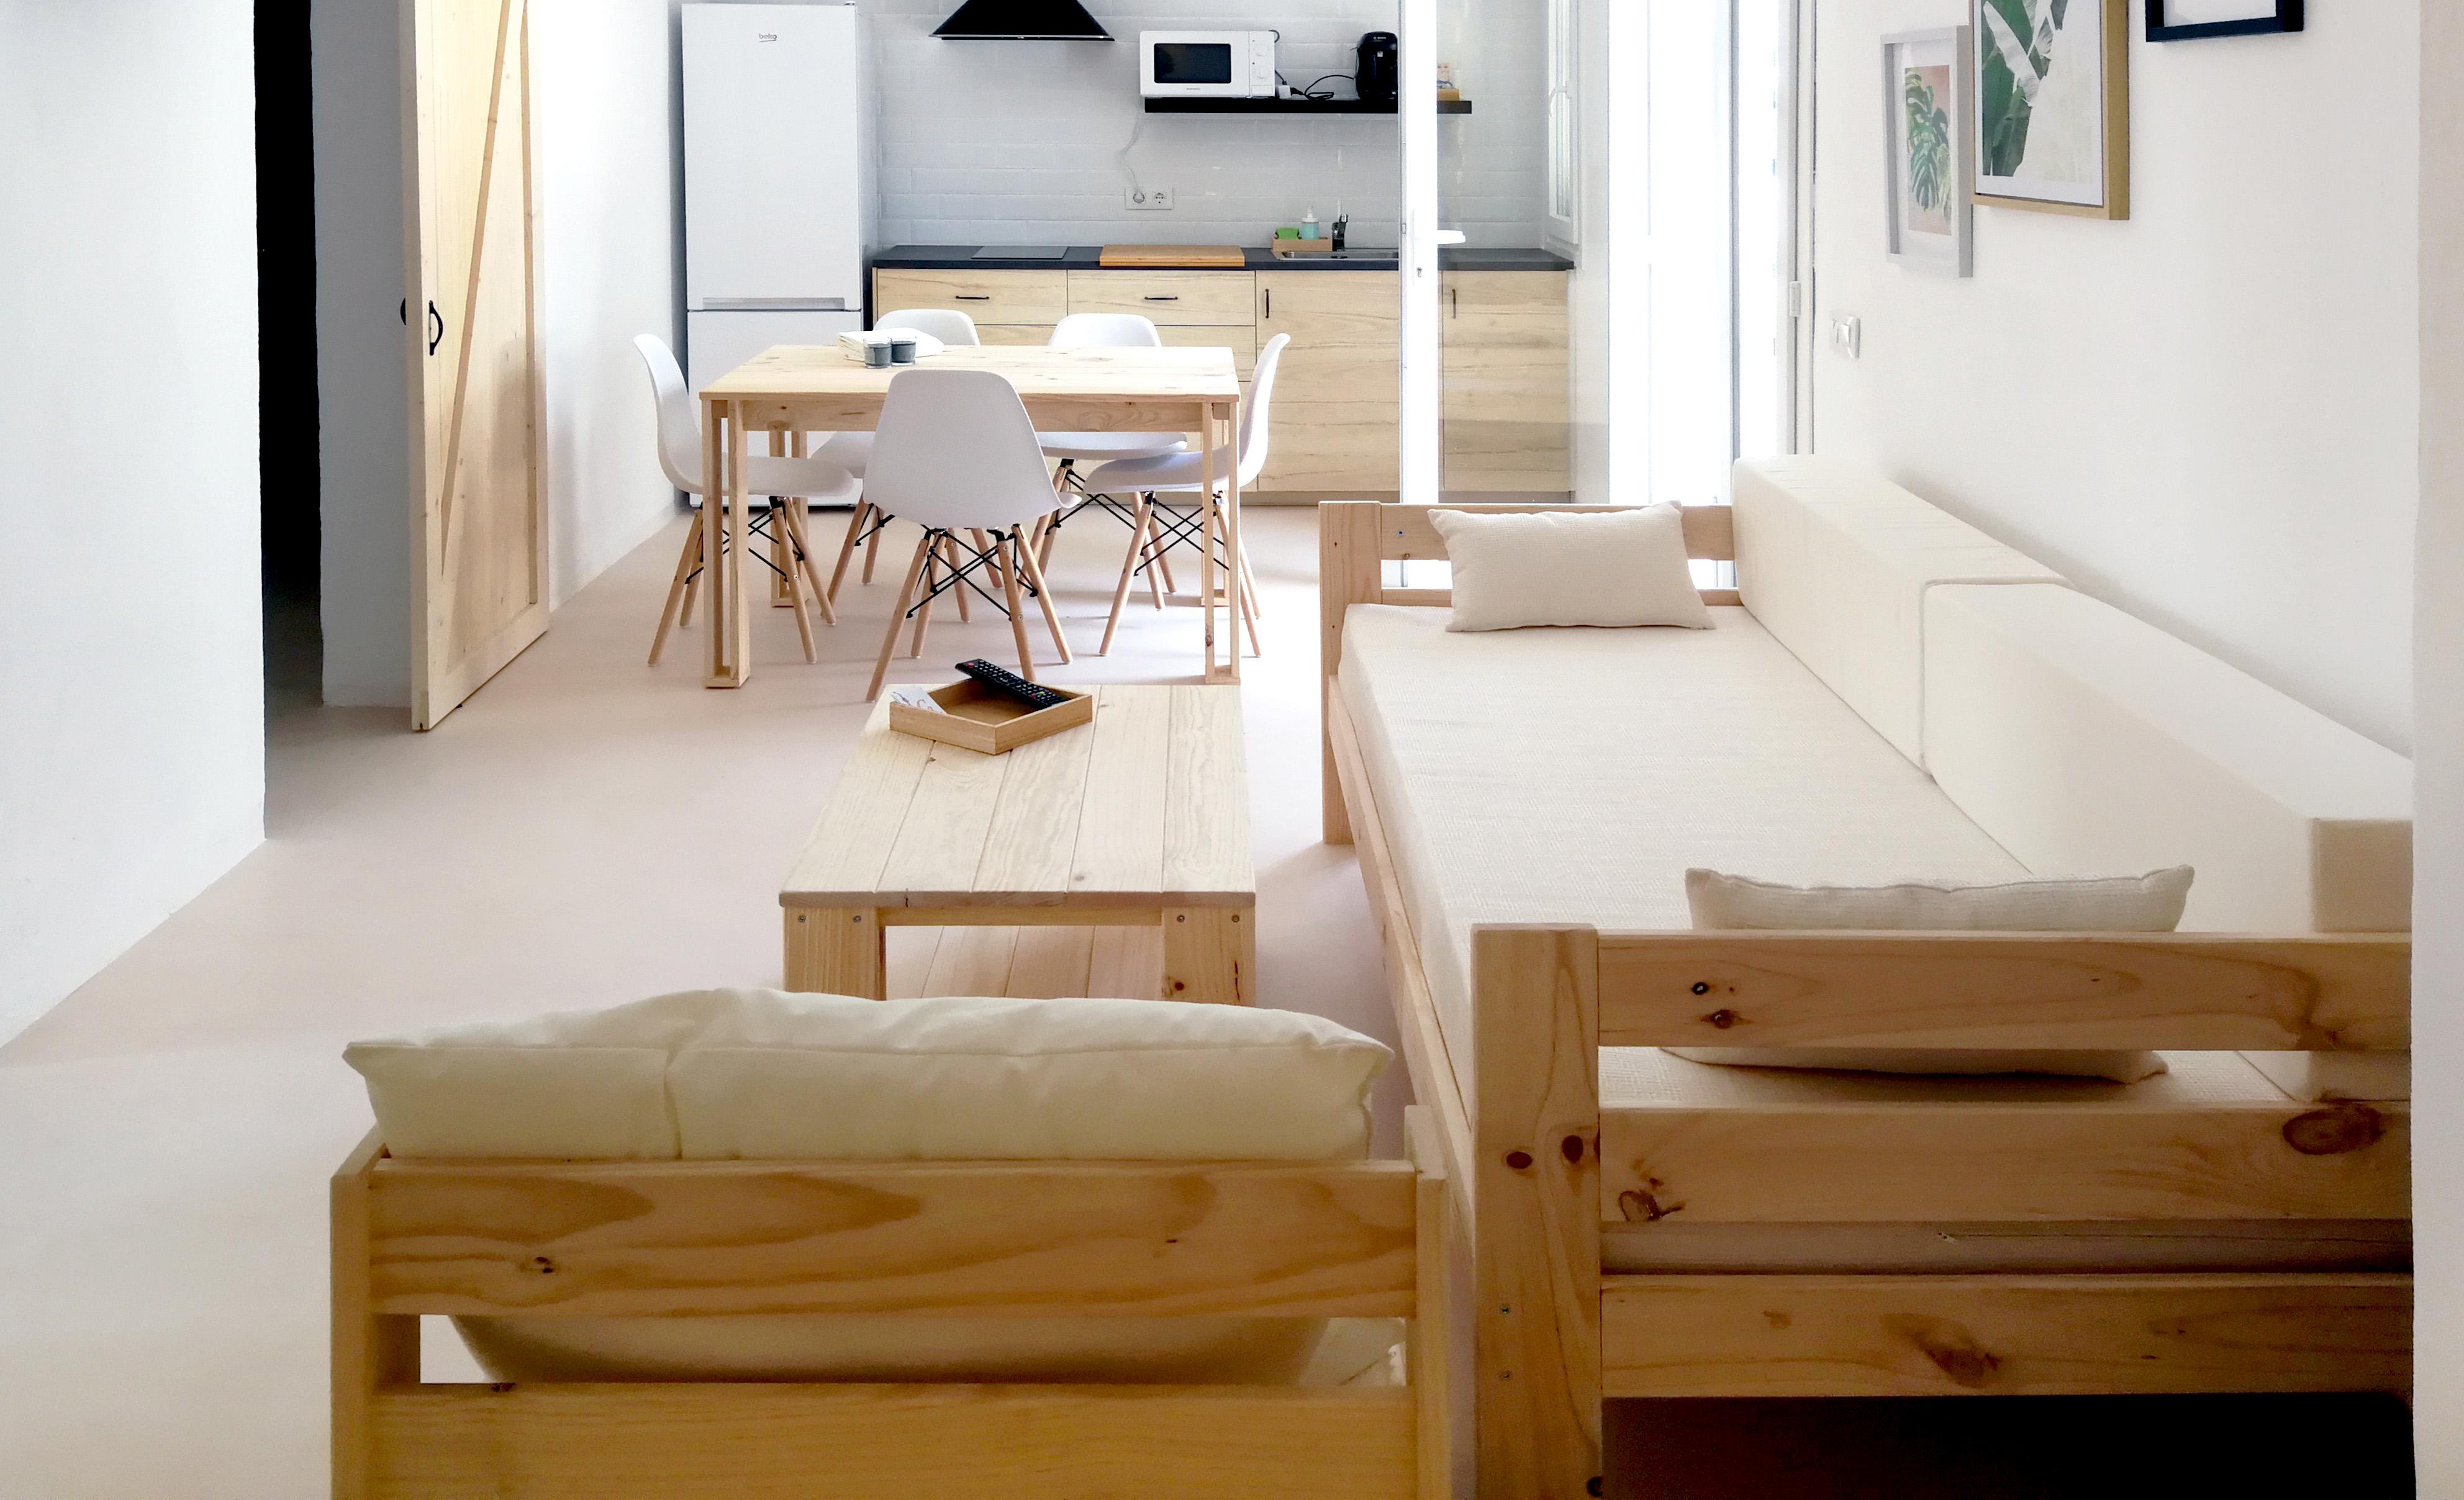 Muebles baratos para alojamientos turísticos